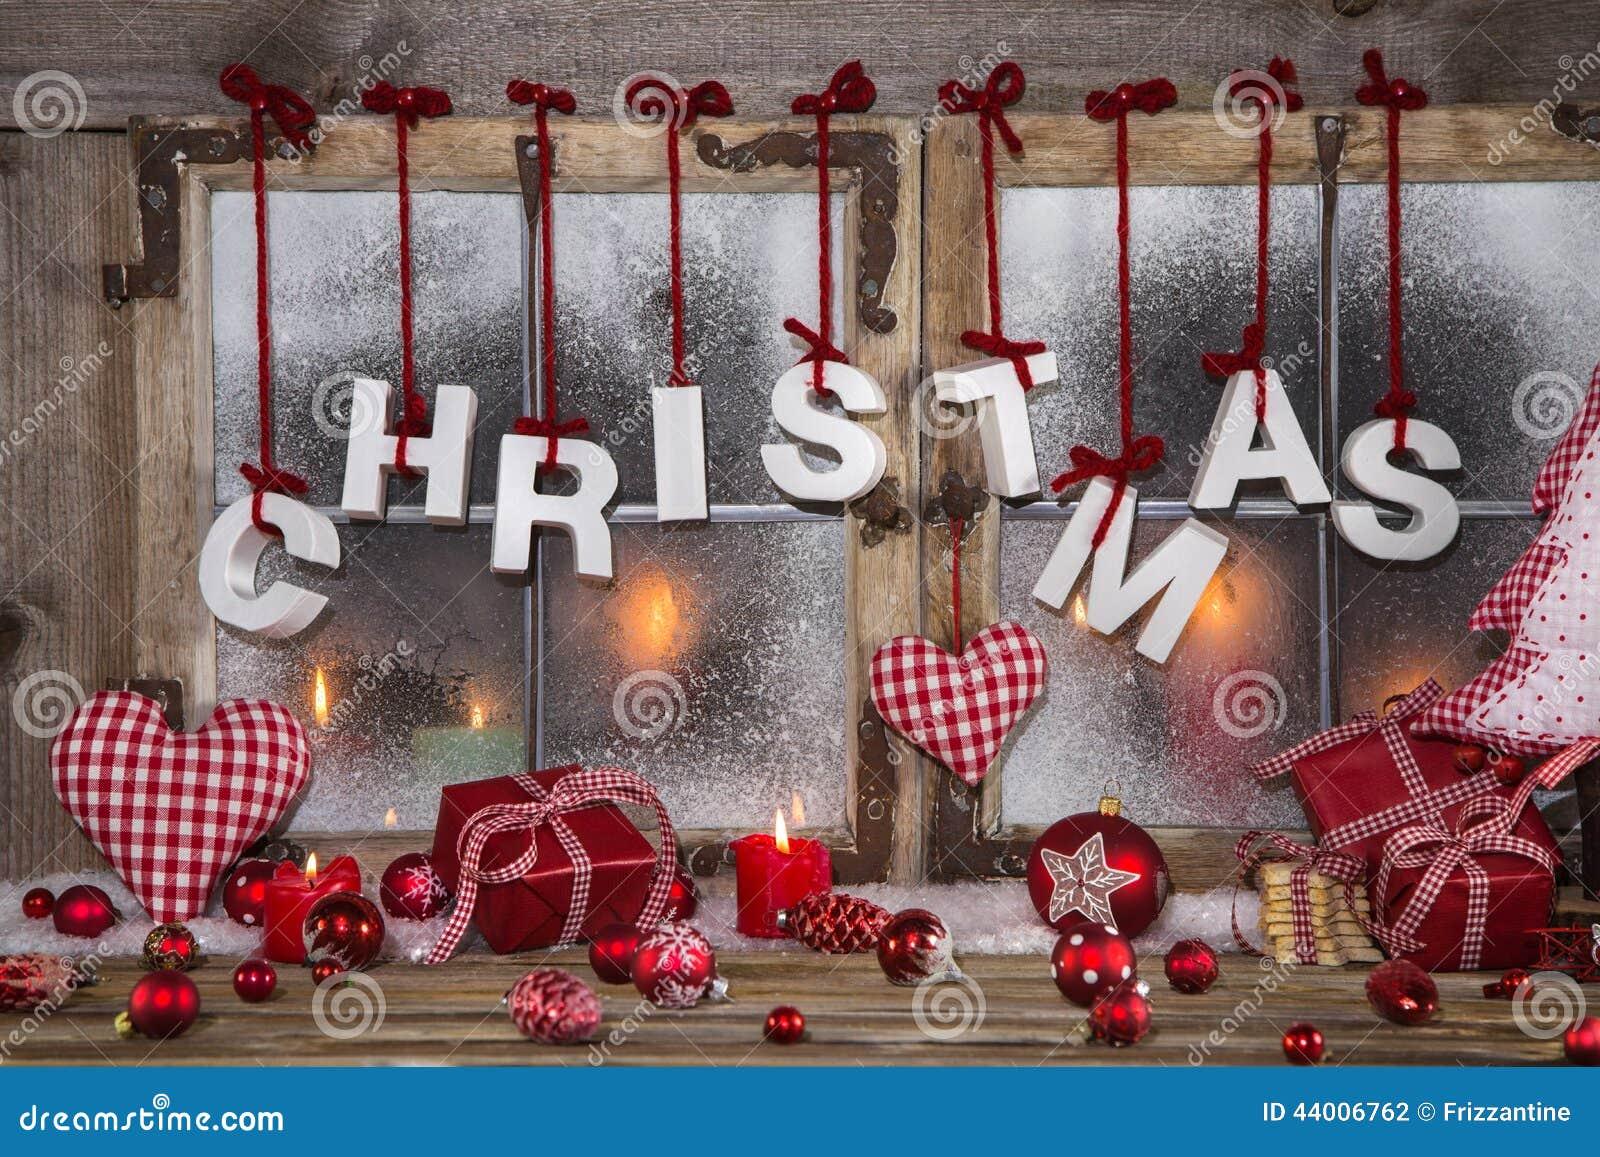 Décoration De Noël De Style Campagnard En Rouge, Blanc Et